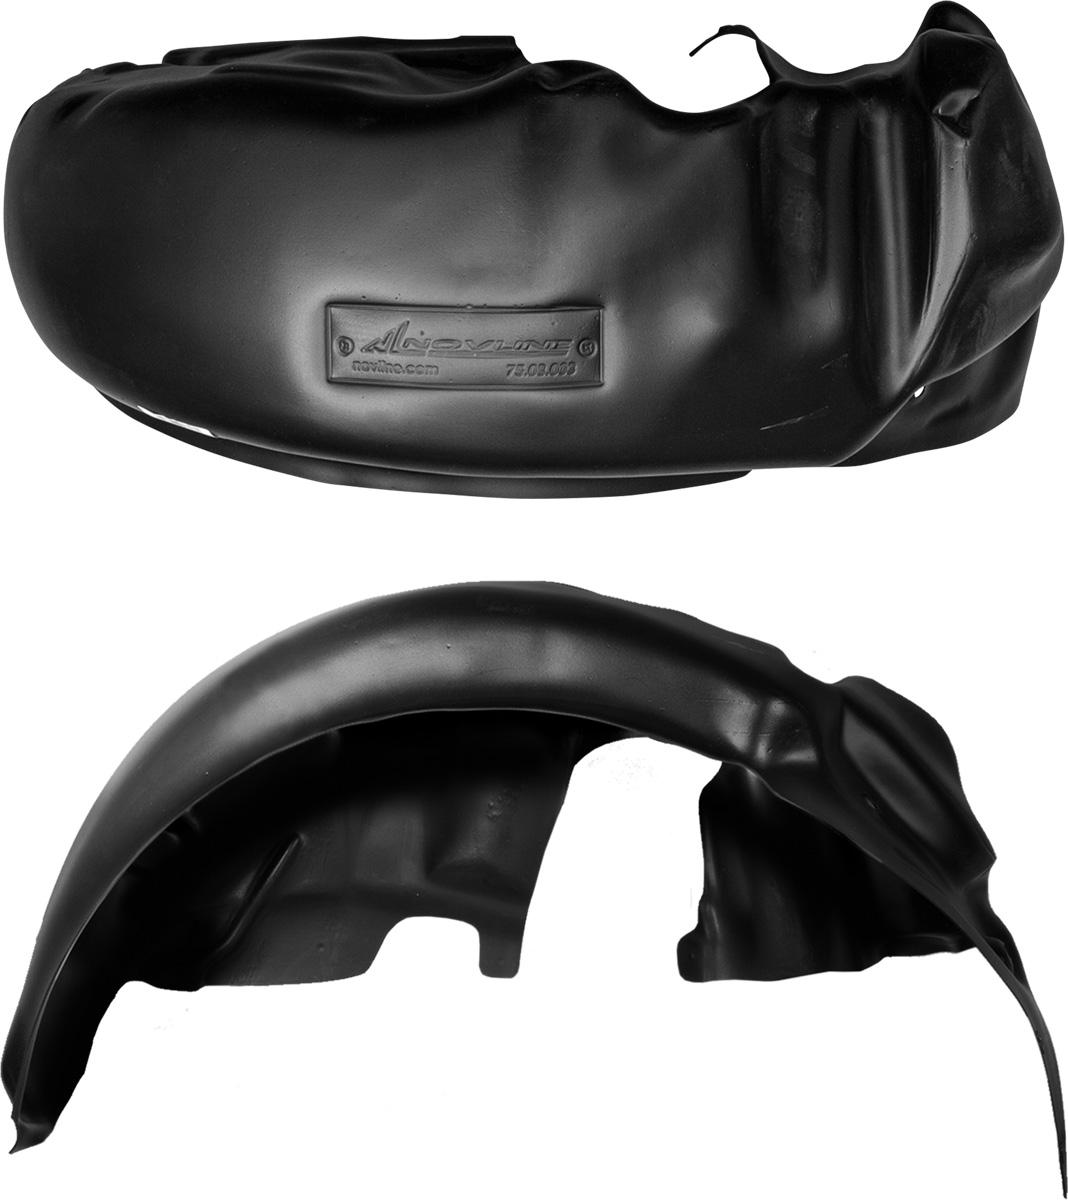 Подкрылок RENAULT Logan 2004-2013, задний левыйNLL.41.05.003Колесные ниши – одни из самых уязвимых зон днища вашего автомобиля. Они постоянно подвергаются воздействию со стороны дороги. Лучшая, почти абсолютная защита для них - специально отформованные пластиковые кожухи, которые называются подкрылками, или локерами. Производятся они как для отечественных моделей автомобилей, так и для иномарок. Подкрылки выполнены из высококачественного, экологически чистого пластика. Обеспечивают надежную защиту кузова автомобиля от пескоструйного эффекта и негативного влияния, агрессивных антигололедных реагентов. Пластик обладает более низкой теплопроводностью, чем металл, поэтому в зимний период эксплуатации использование пластиковых подкрылков позволяет лучше защитить колесные ниши от налипания снега и образования наледи. Оригинальность конструкции подчеркивает элегантность автомобиля, бережно защищает нанесенное на днище кузова антикоррозийное покрытие и позволяет осуществить крепление подкрылков внутри колесной арки практически без дополнительного крепежа и сверления, не нарушая при этом лакокрасочного покрытия, что предотвращает возникновение новых очагов коррозии. Технология крепления подкрылков на иномарки принципиально отличается от крепления на российские автомобили и разрабатывается индивидуально для каждой модели автомобиля. Подкрылки долговечны, обладают высокой прочностью и сохраняют заданную форму, а также все свои физико-механические характеристики в самых тяжелых климатических условиях ( от -50° С до + 50° С).